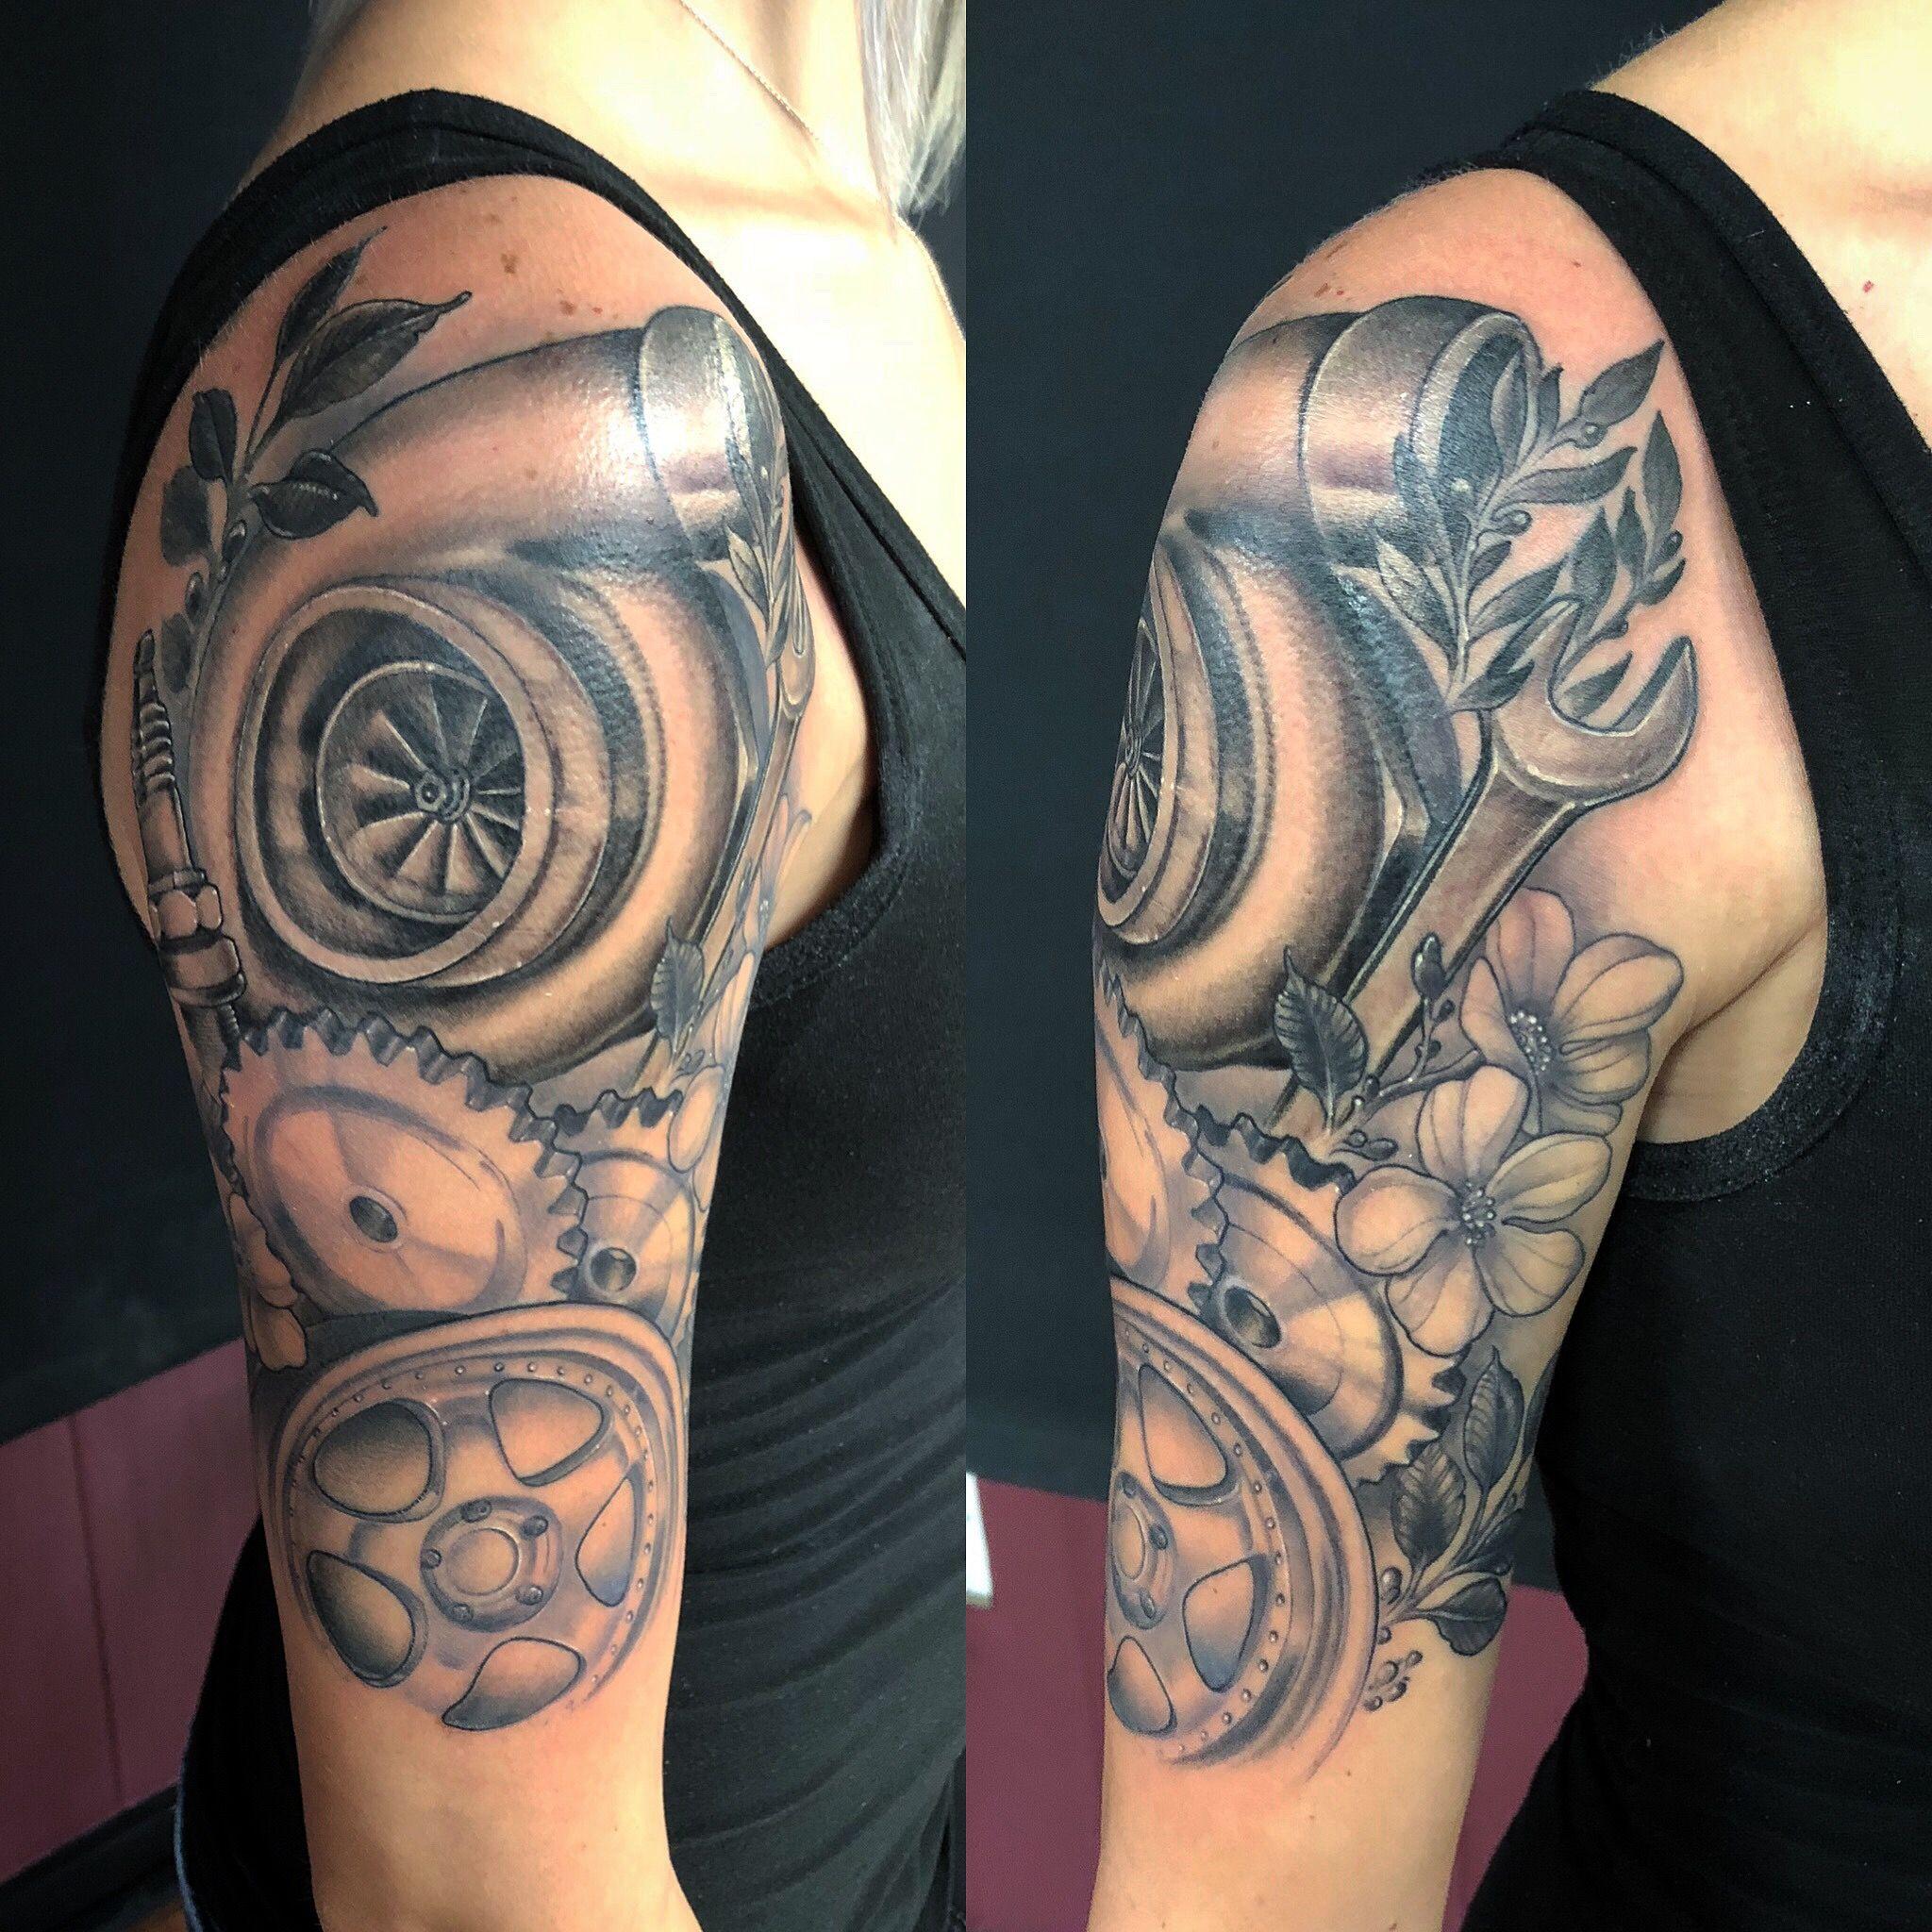 Joe hawks tattoos grey tattoo tattoo shop